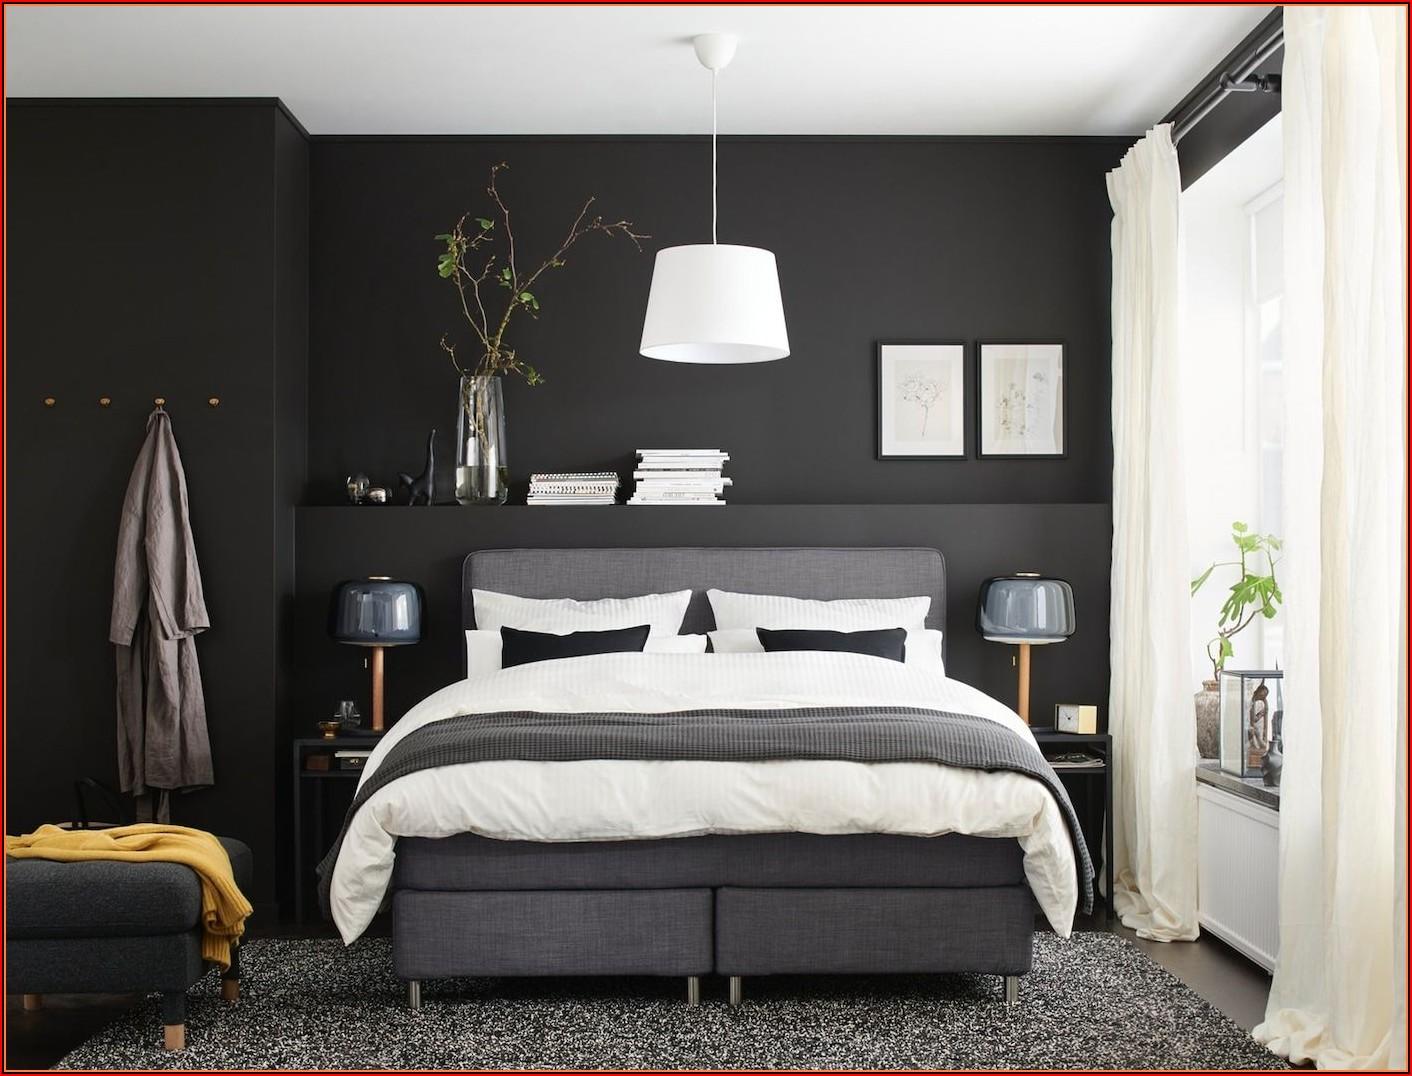 Schlafzimmer Ideen Dunkle Möbel